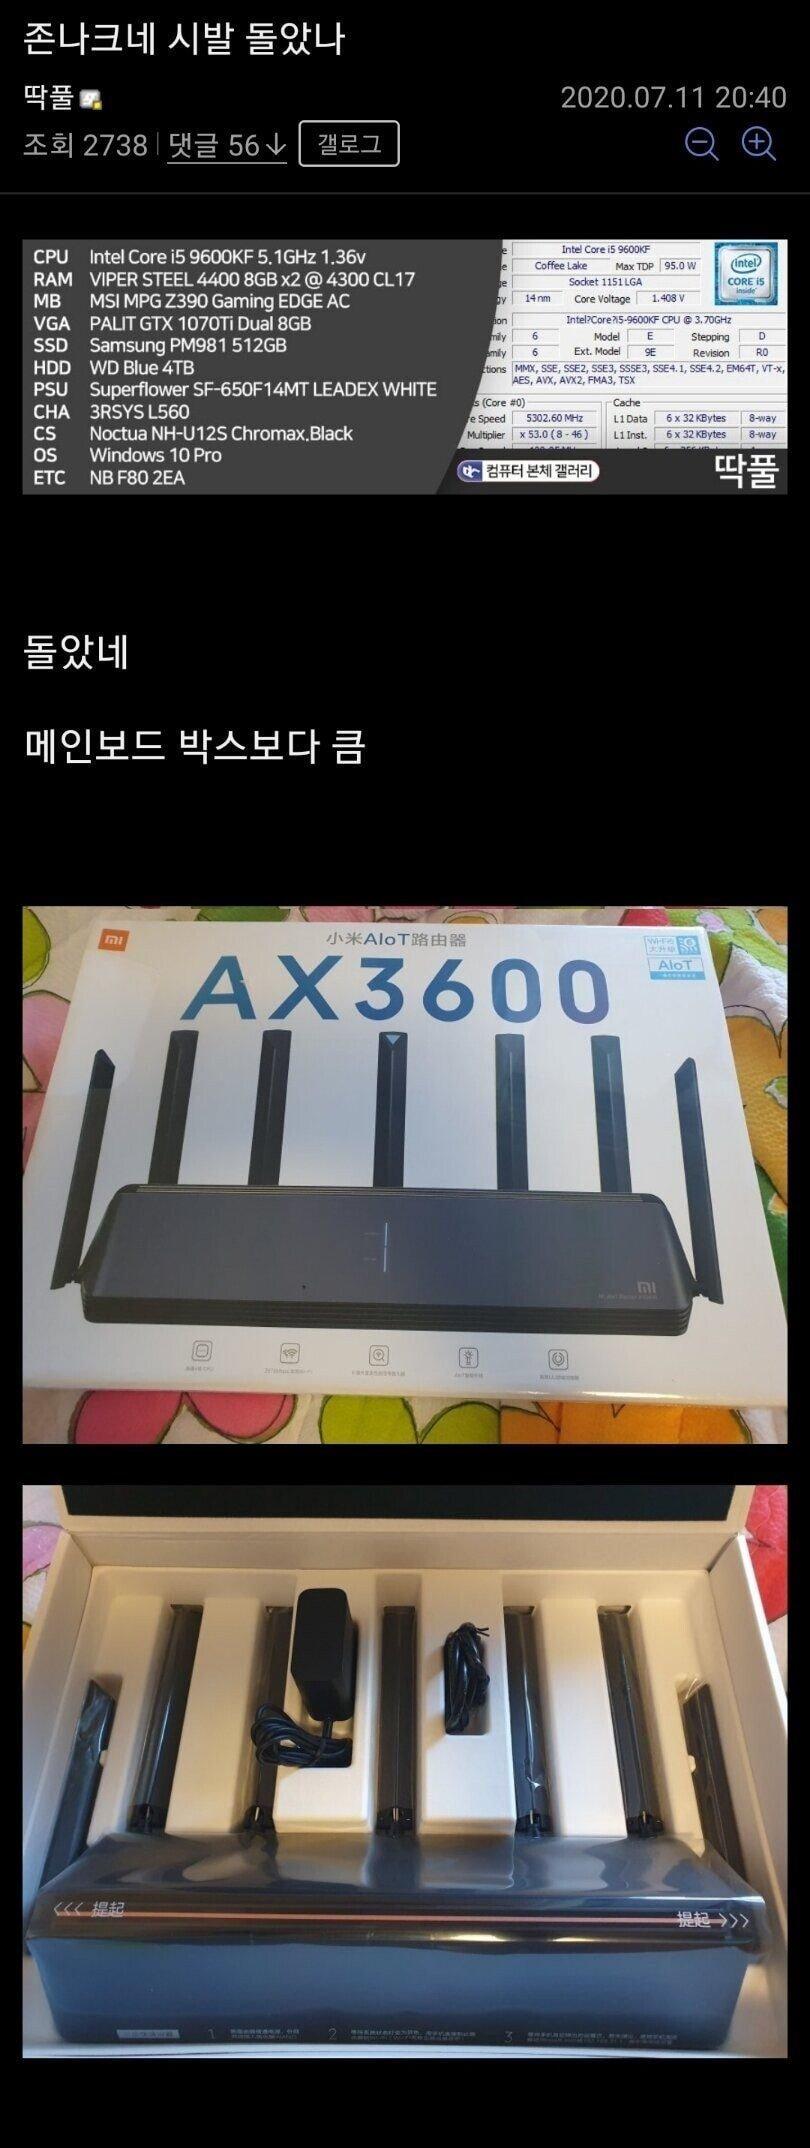 존나게 큰 샤오미 공유기 후기.jpg